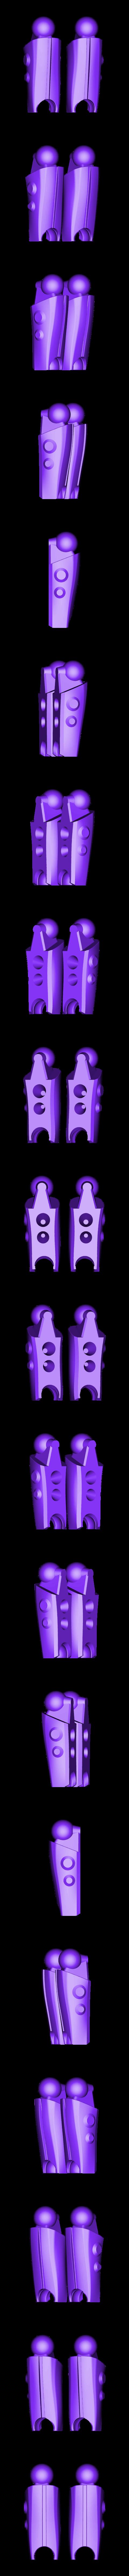 lower_legs.stl Télécharger fichier STL gratuit RoboLabs Lunar Elite - Vertex • Design pour impression 3D, Yazhmog